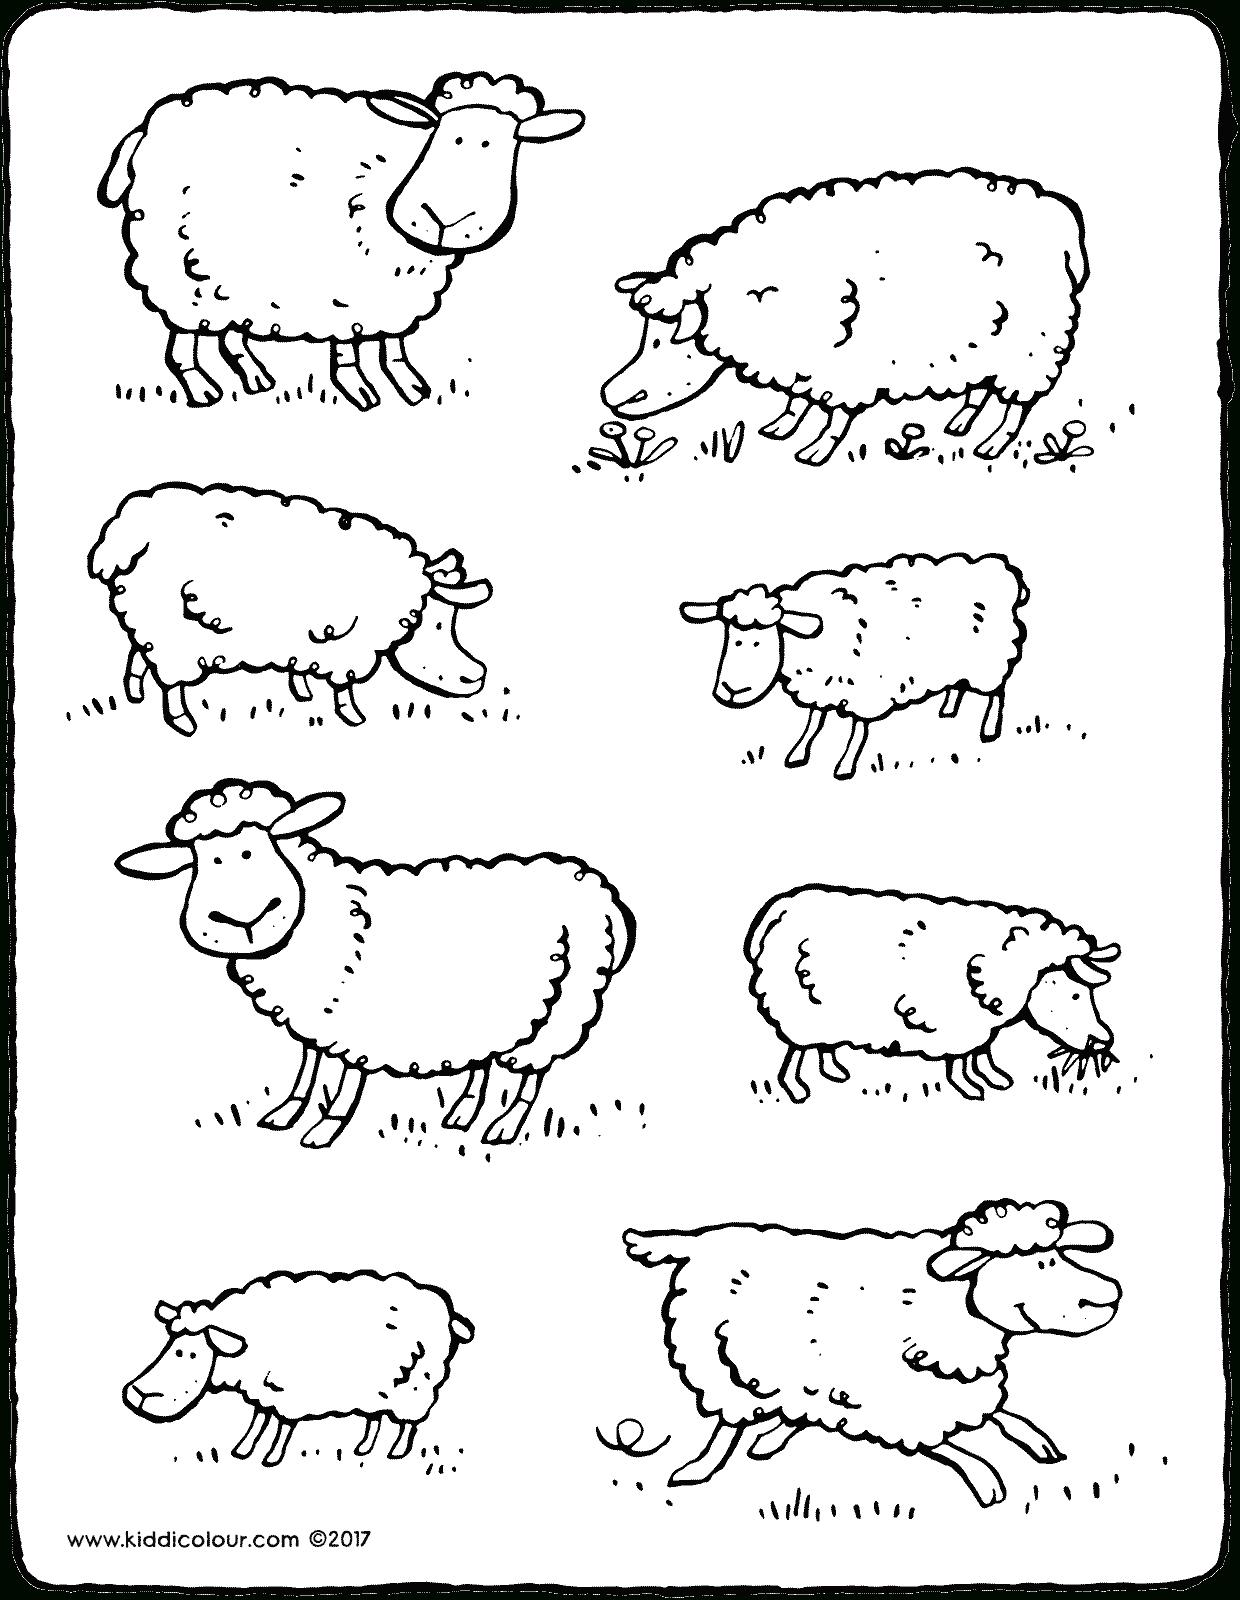 Schafe - Kiddimalseite innen Schaf Malvorlage